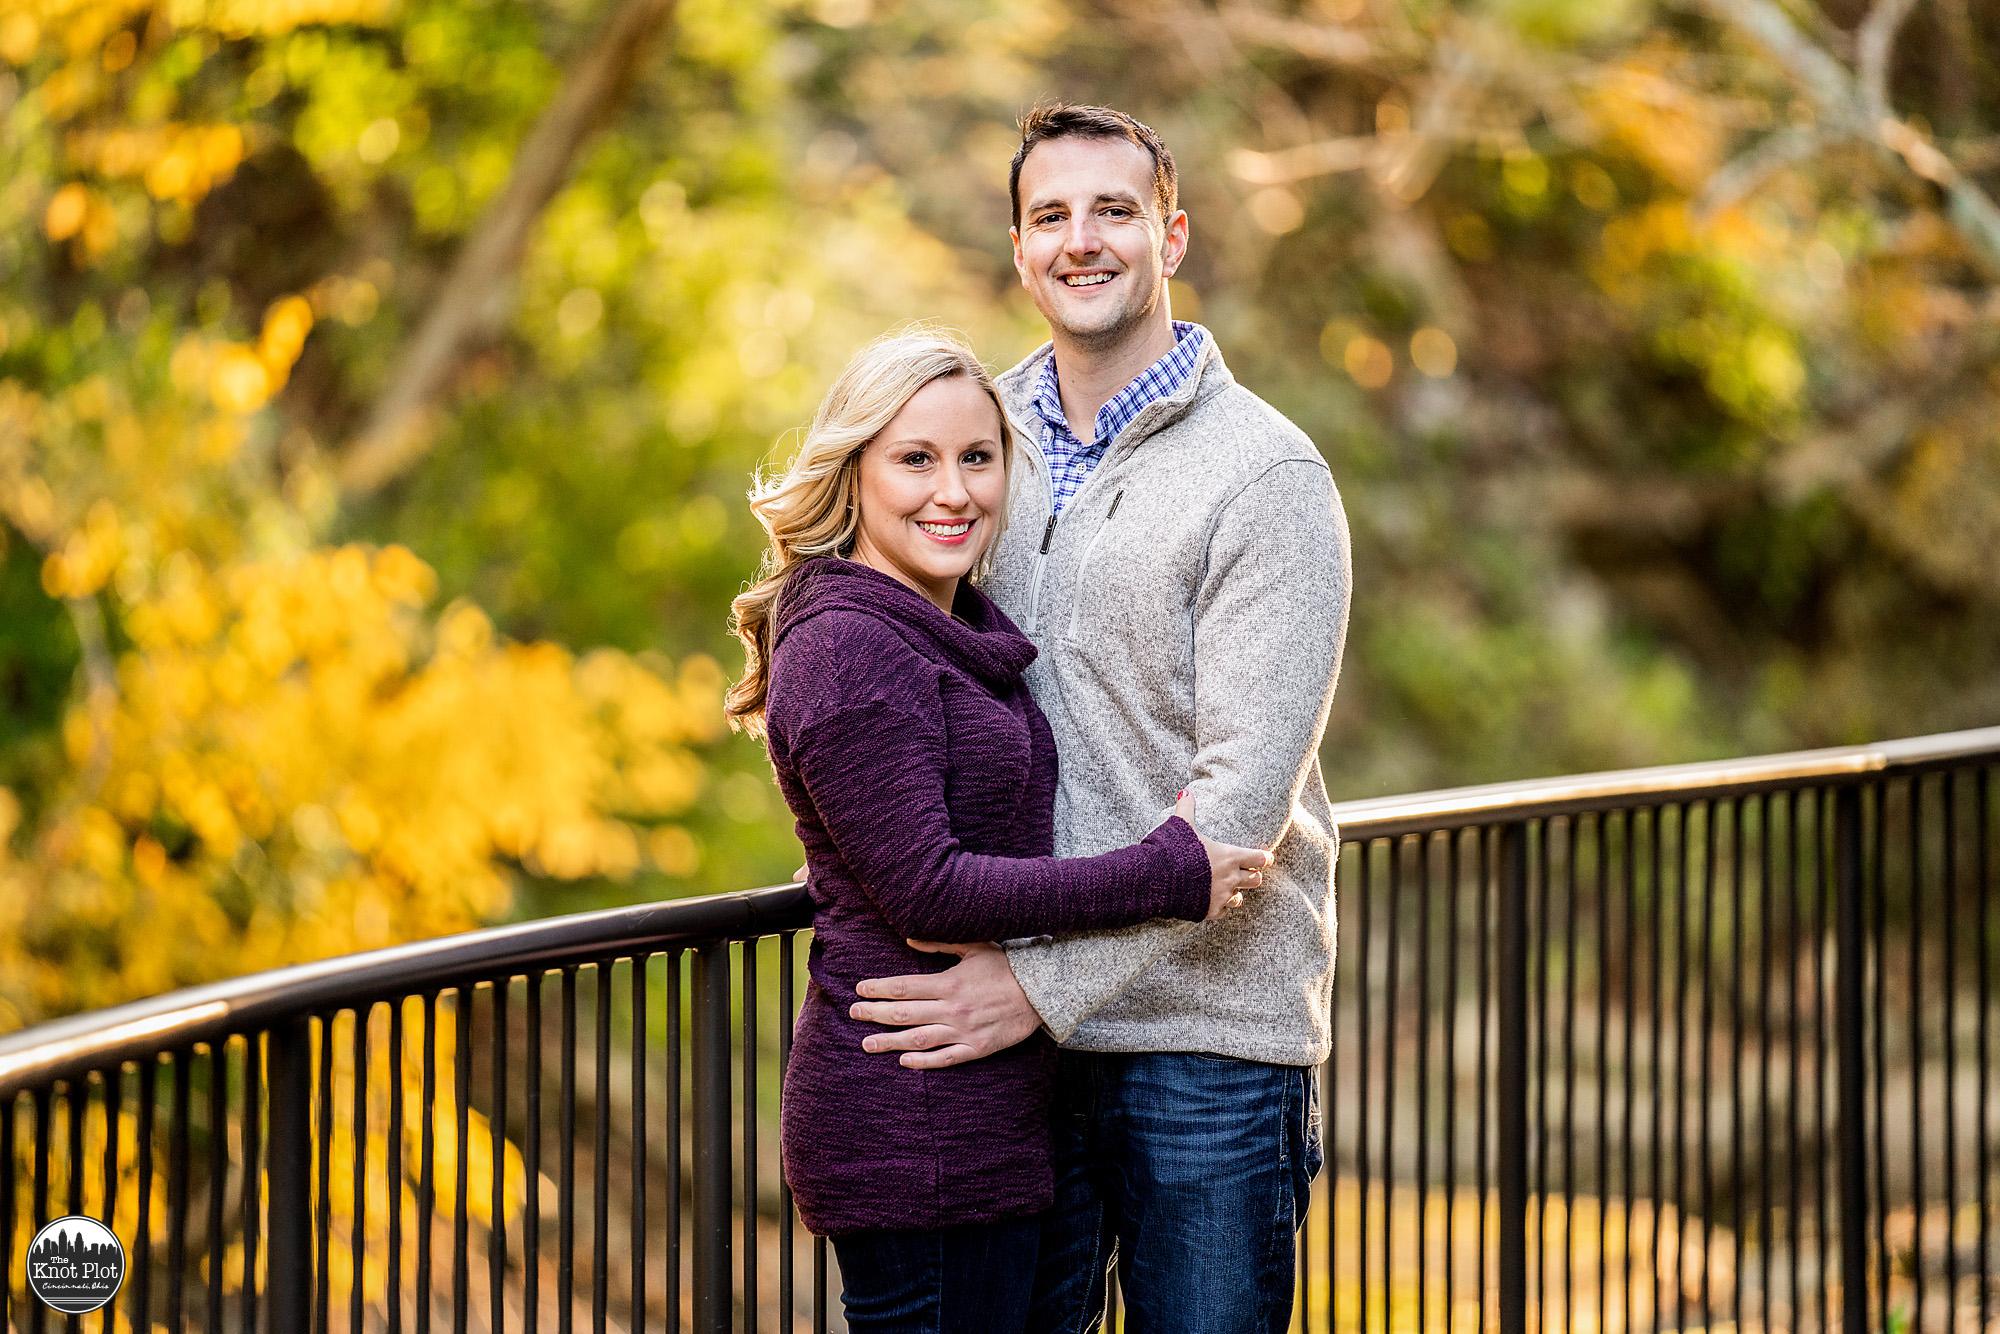 Sharon-Woods-Ohio-Engagement-Session-Photography.jpg